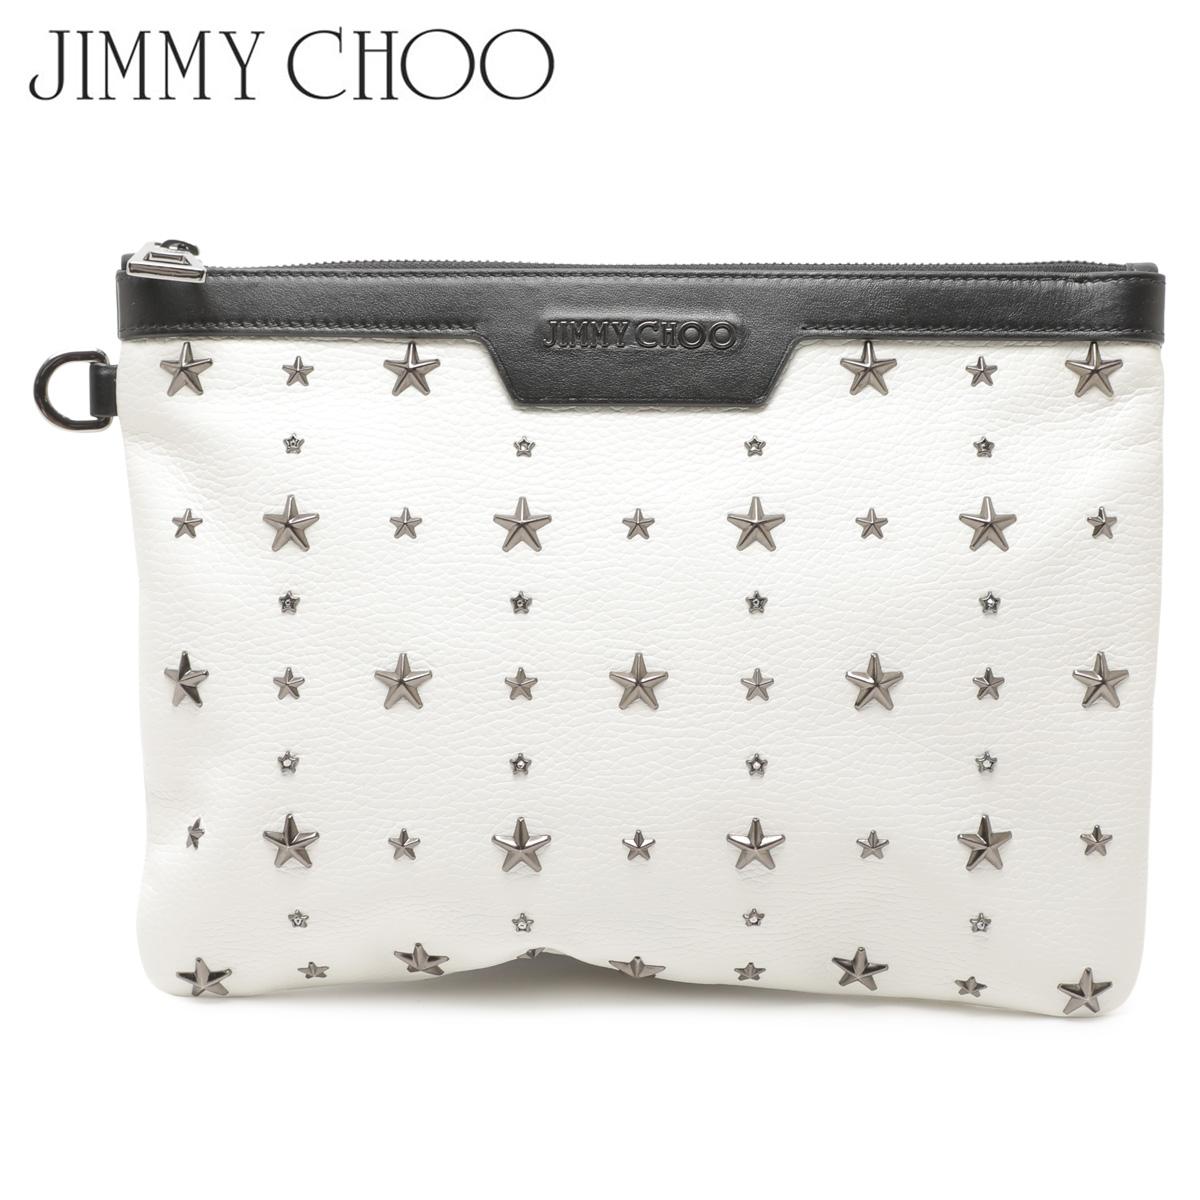 【訳あり】 JIMMY CHOO CLUTCH BAG ジミーチュウ バッグ クラッチバッグ レディース ホワイト 16597-43 【返品不可】